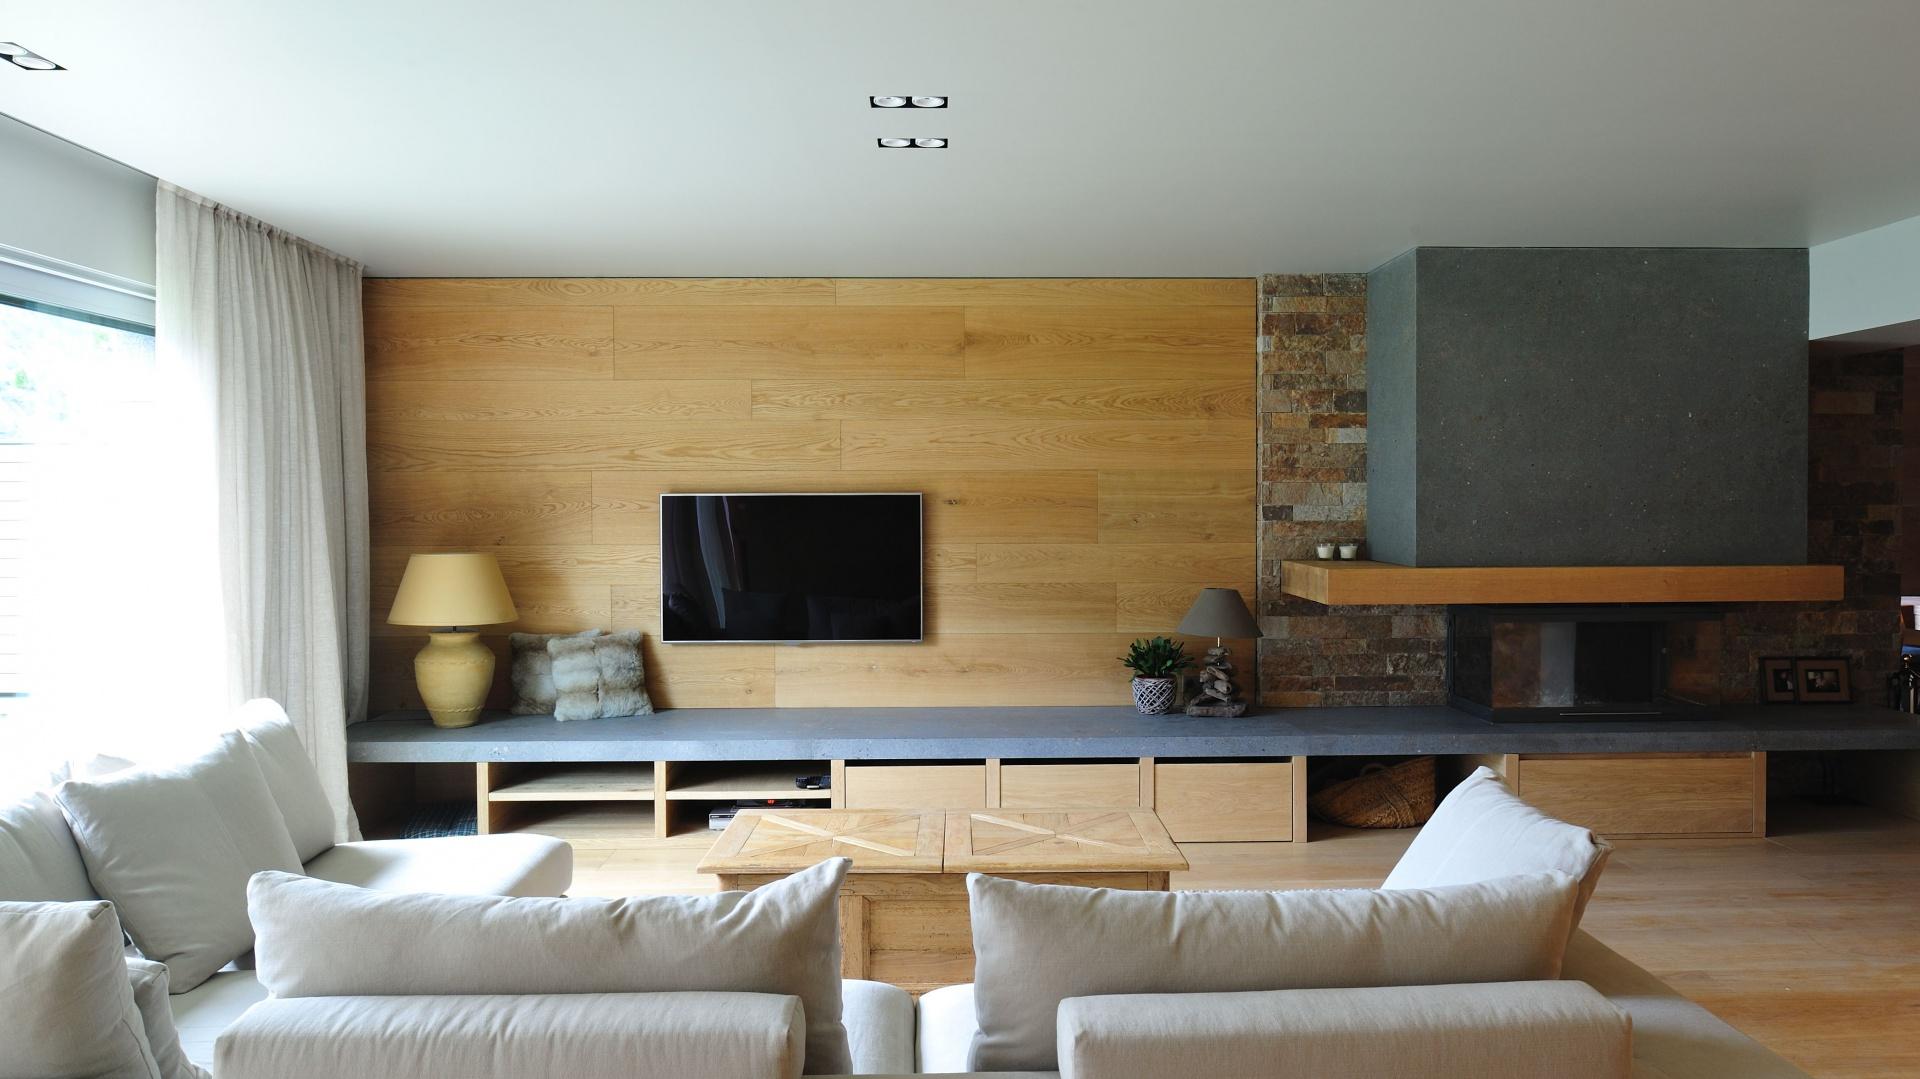 Hiszpańska pracownia Coblonal Arquitectura zaprojektowała domowe, przytulne wnętrze sięgając po kolory ziemi, zamknięte w naturalnych materiałach, jak drewno i kamień. Projekt i zdjęcia: Coblonal Arquitectura.